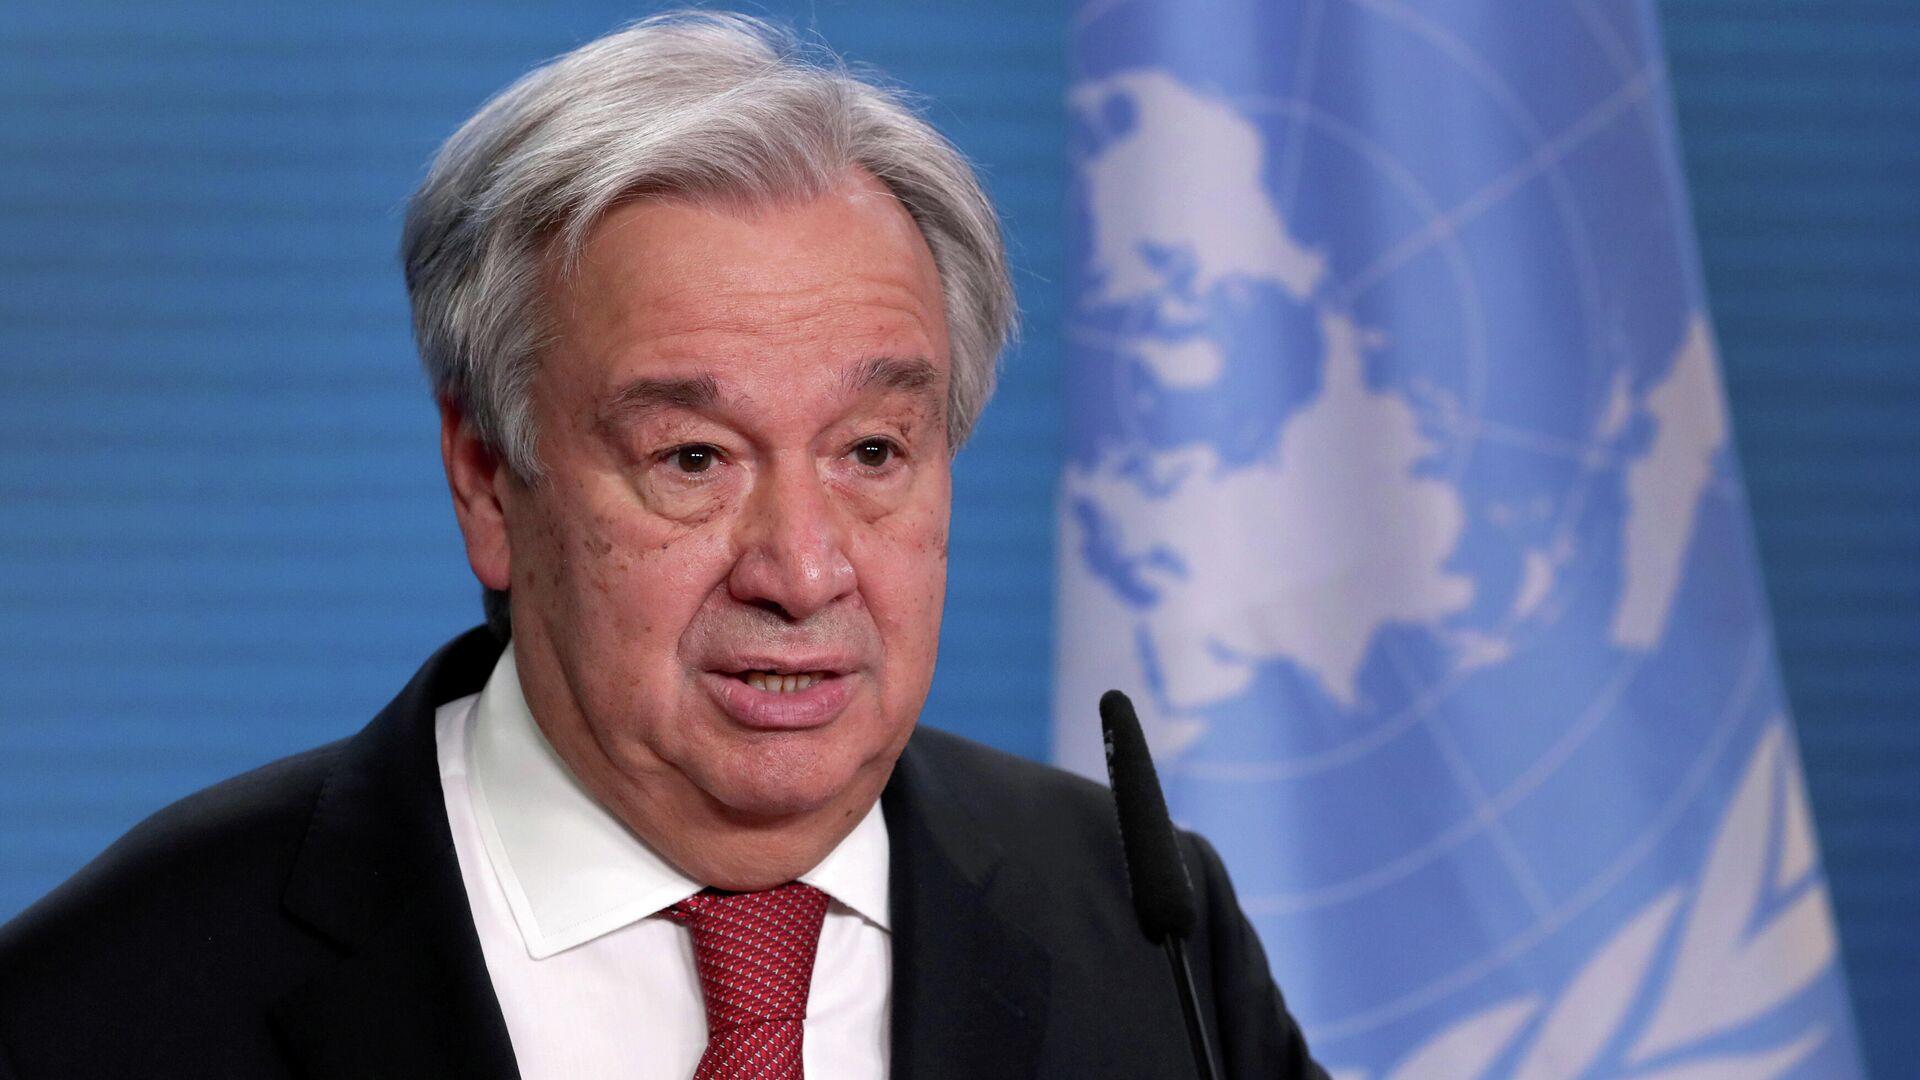 António Guterres, el secretario general de la Organización de Naciones Unidas (ONU) - Sputnik Mundo, 1920, 19.04.2021